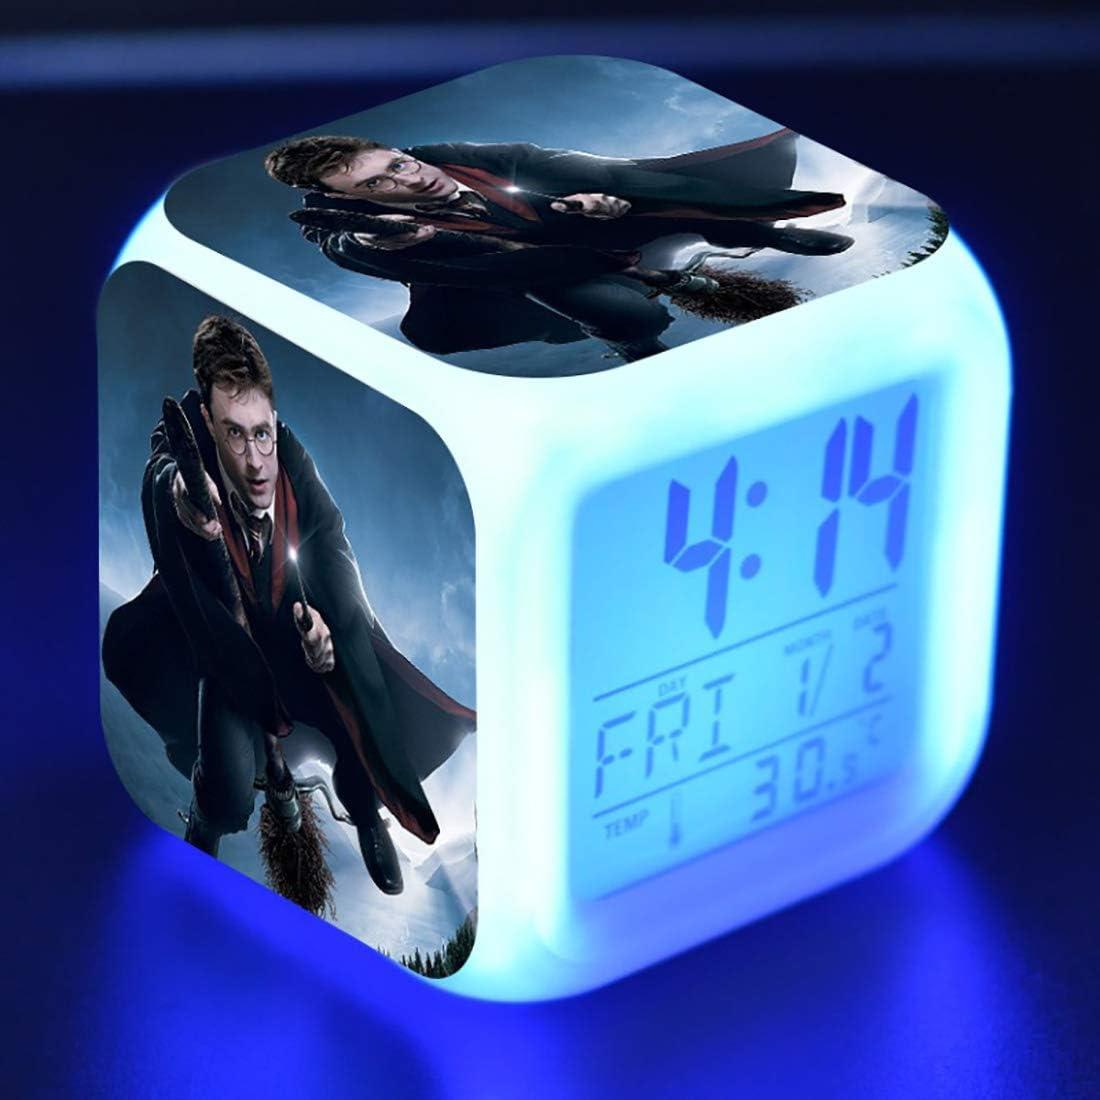 SXWY Harry Potter di Sveglia Digitale luci Colorate Umore Sveglia Quadrata Disponibile Ricarica USB Adatta per Regali Speciali per Ragazzi e Ragazze 01